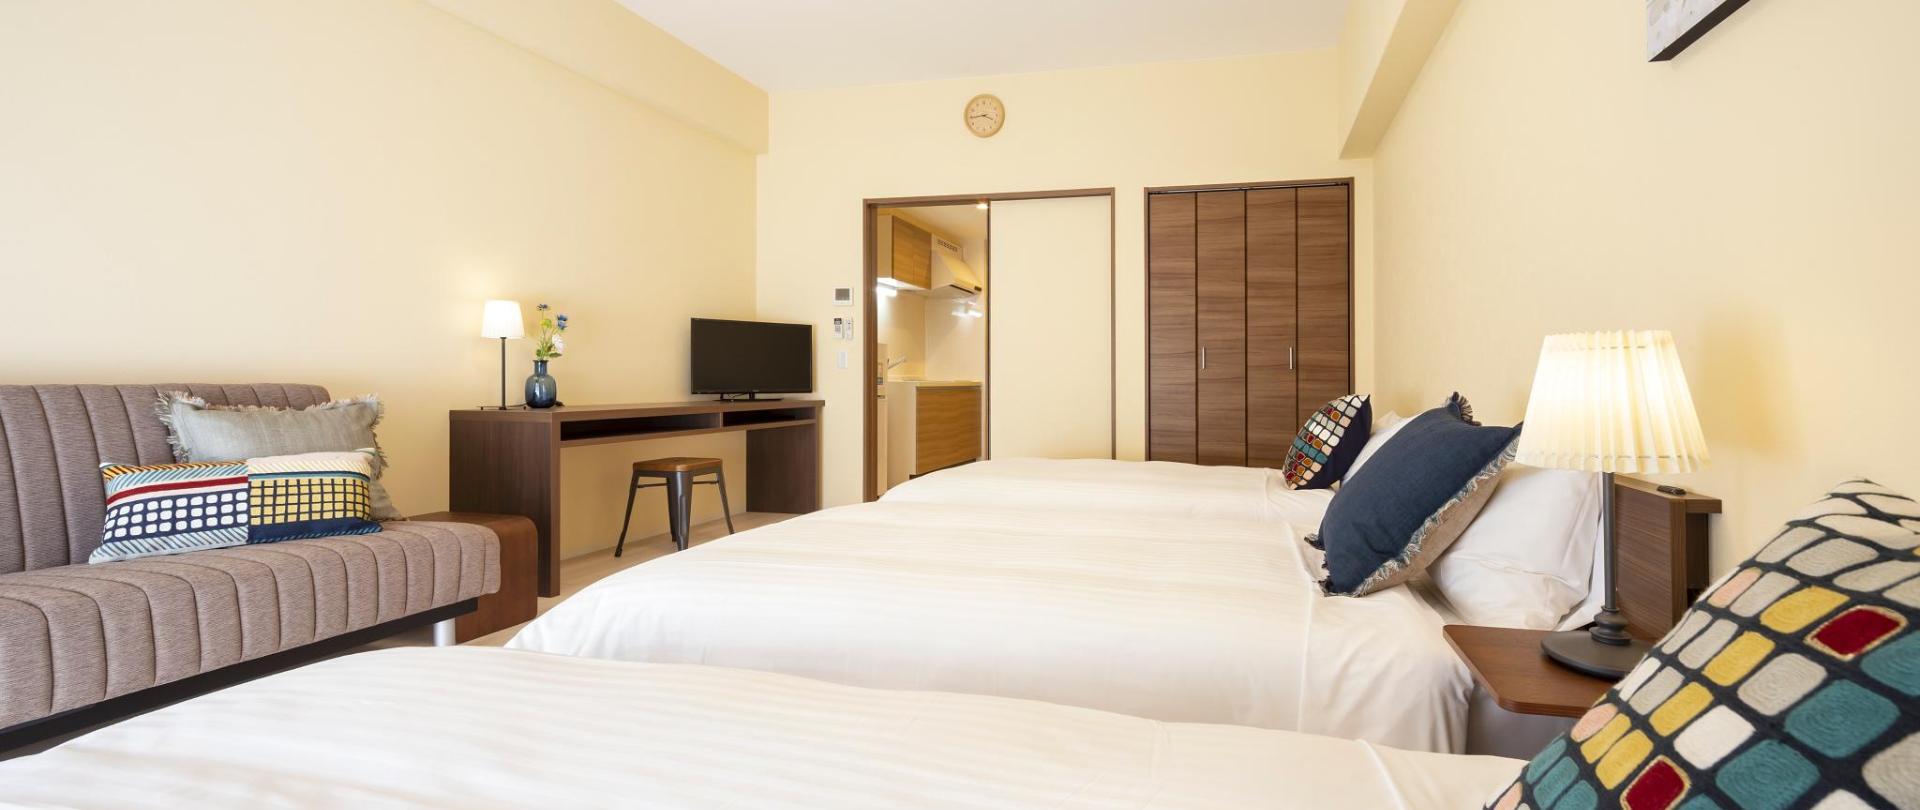 Standard Room for 4 people(10).jpg